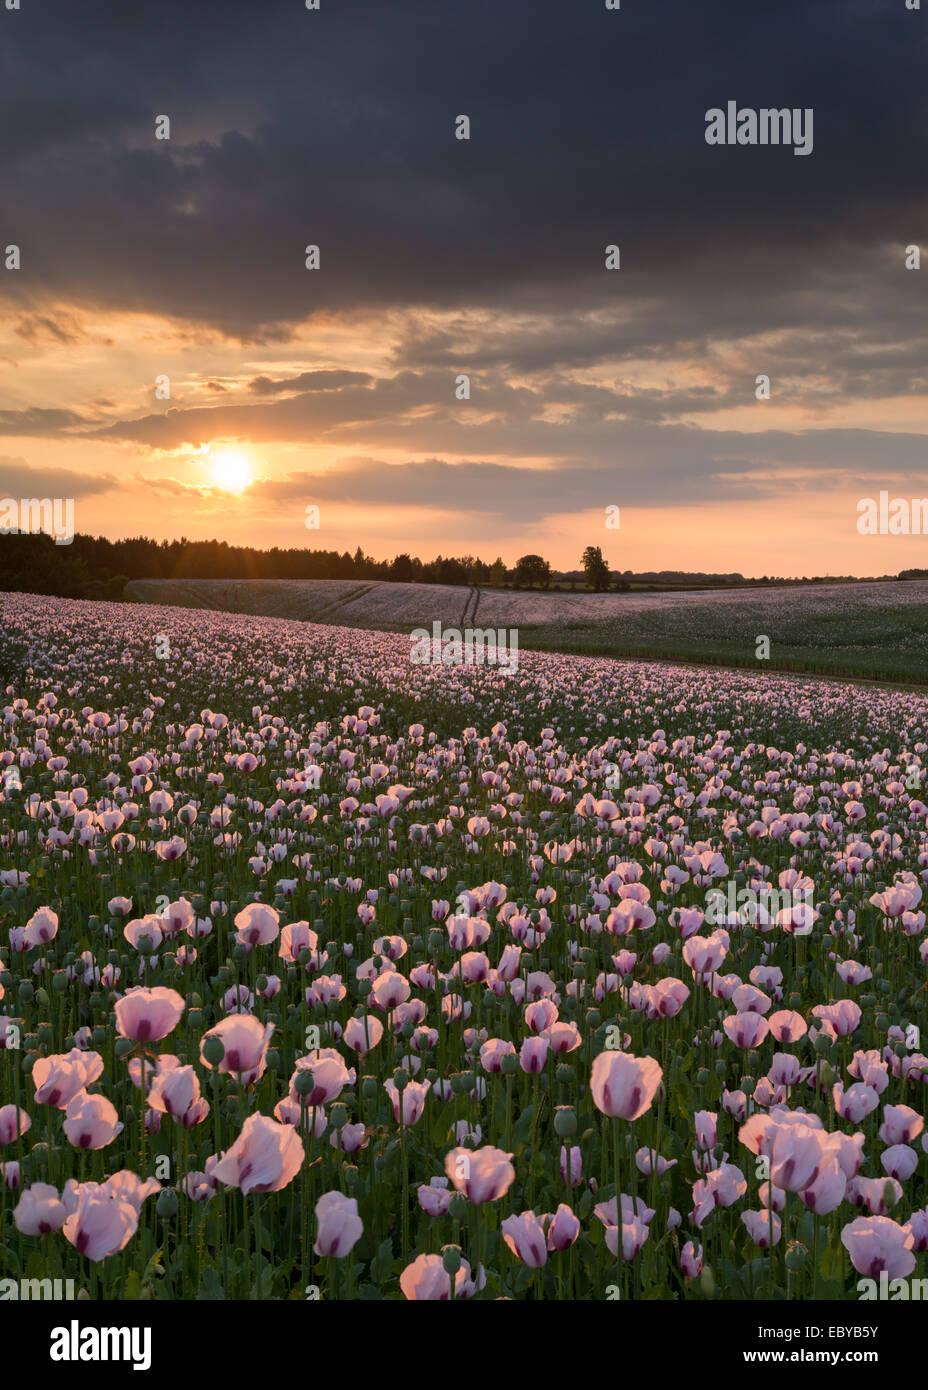 L'oppio poppyfield al tramonto, Chilton, Oxfordshire, Inghilterra. Per il periodo estivo (Giugno) 2014. Immagini Stock